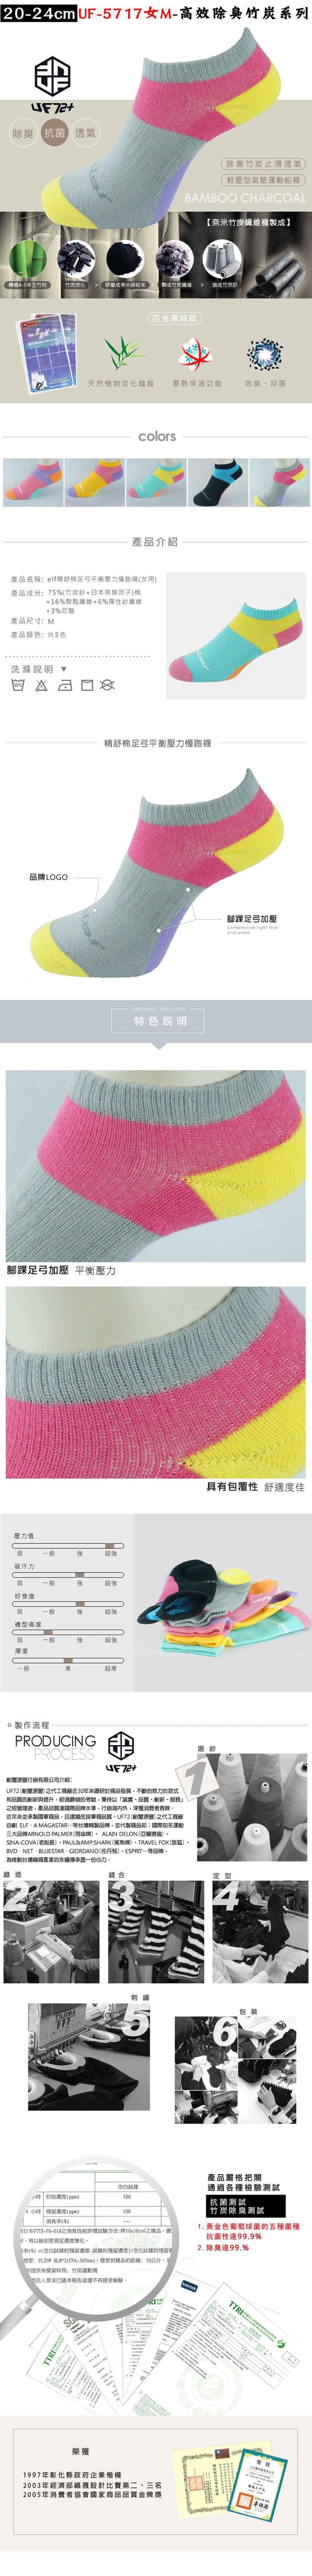 【UF72+】UF5717 elf精舒棉足弓平衡壓力慢跑男女襪 2